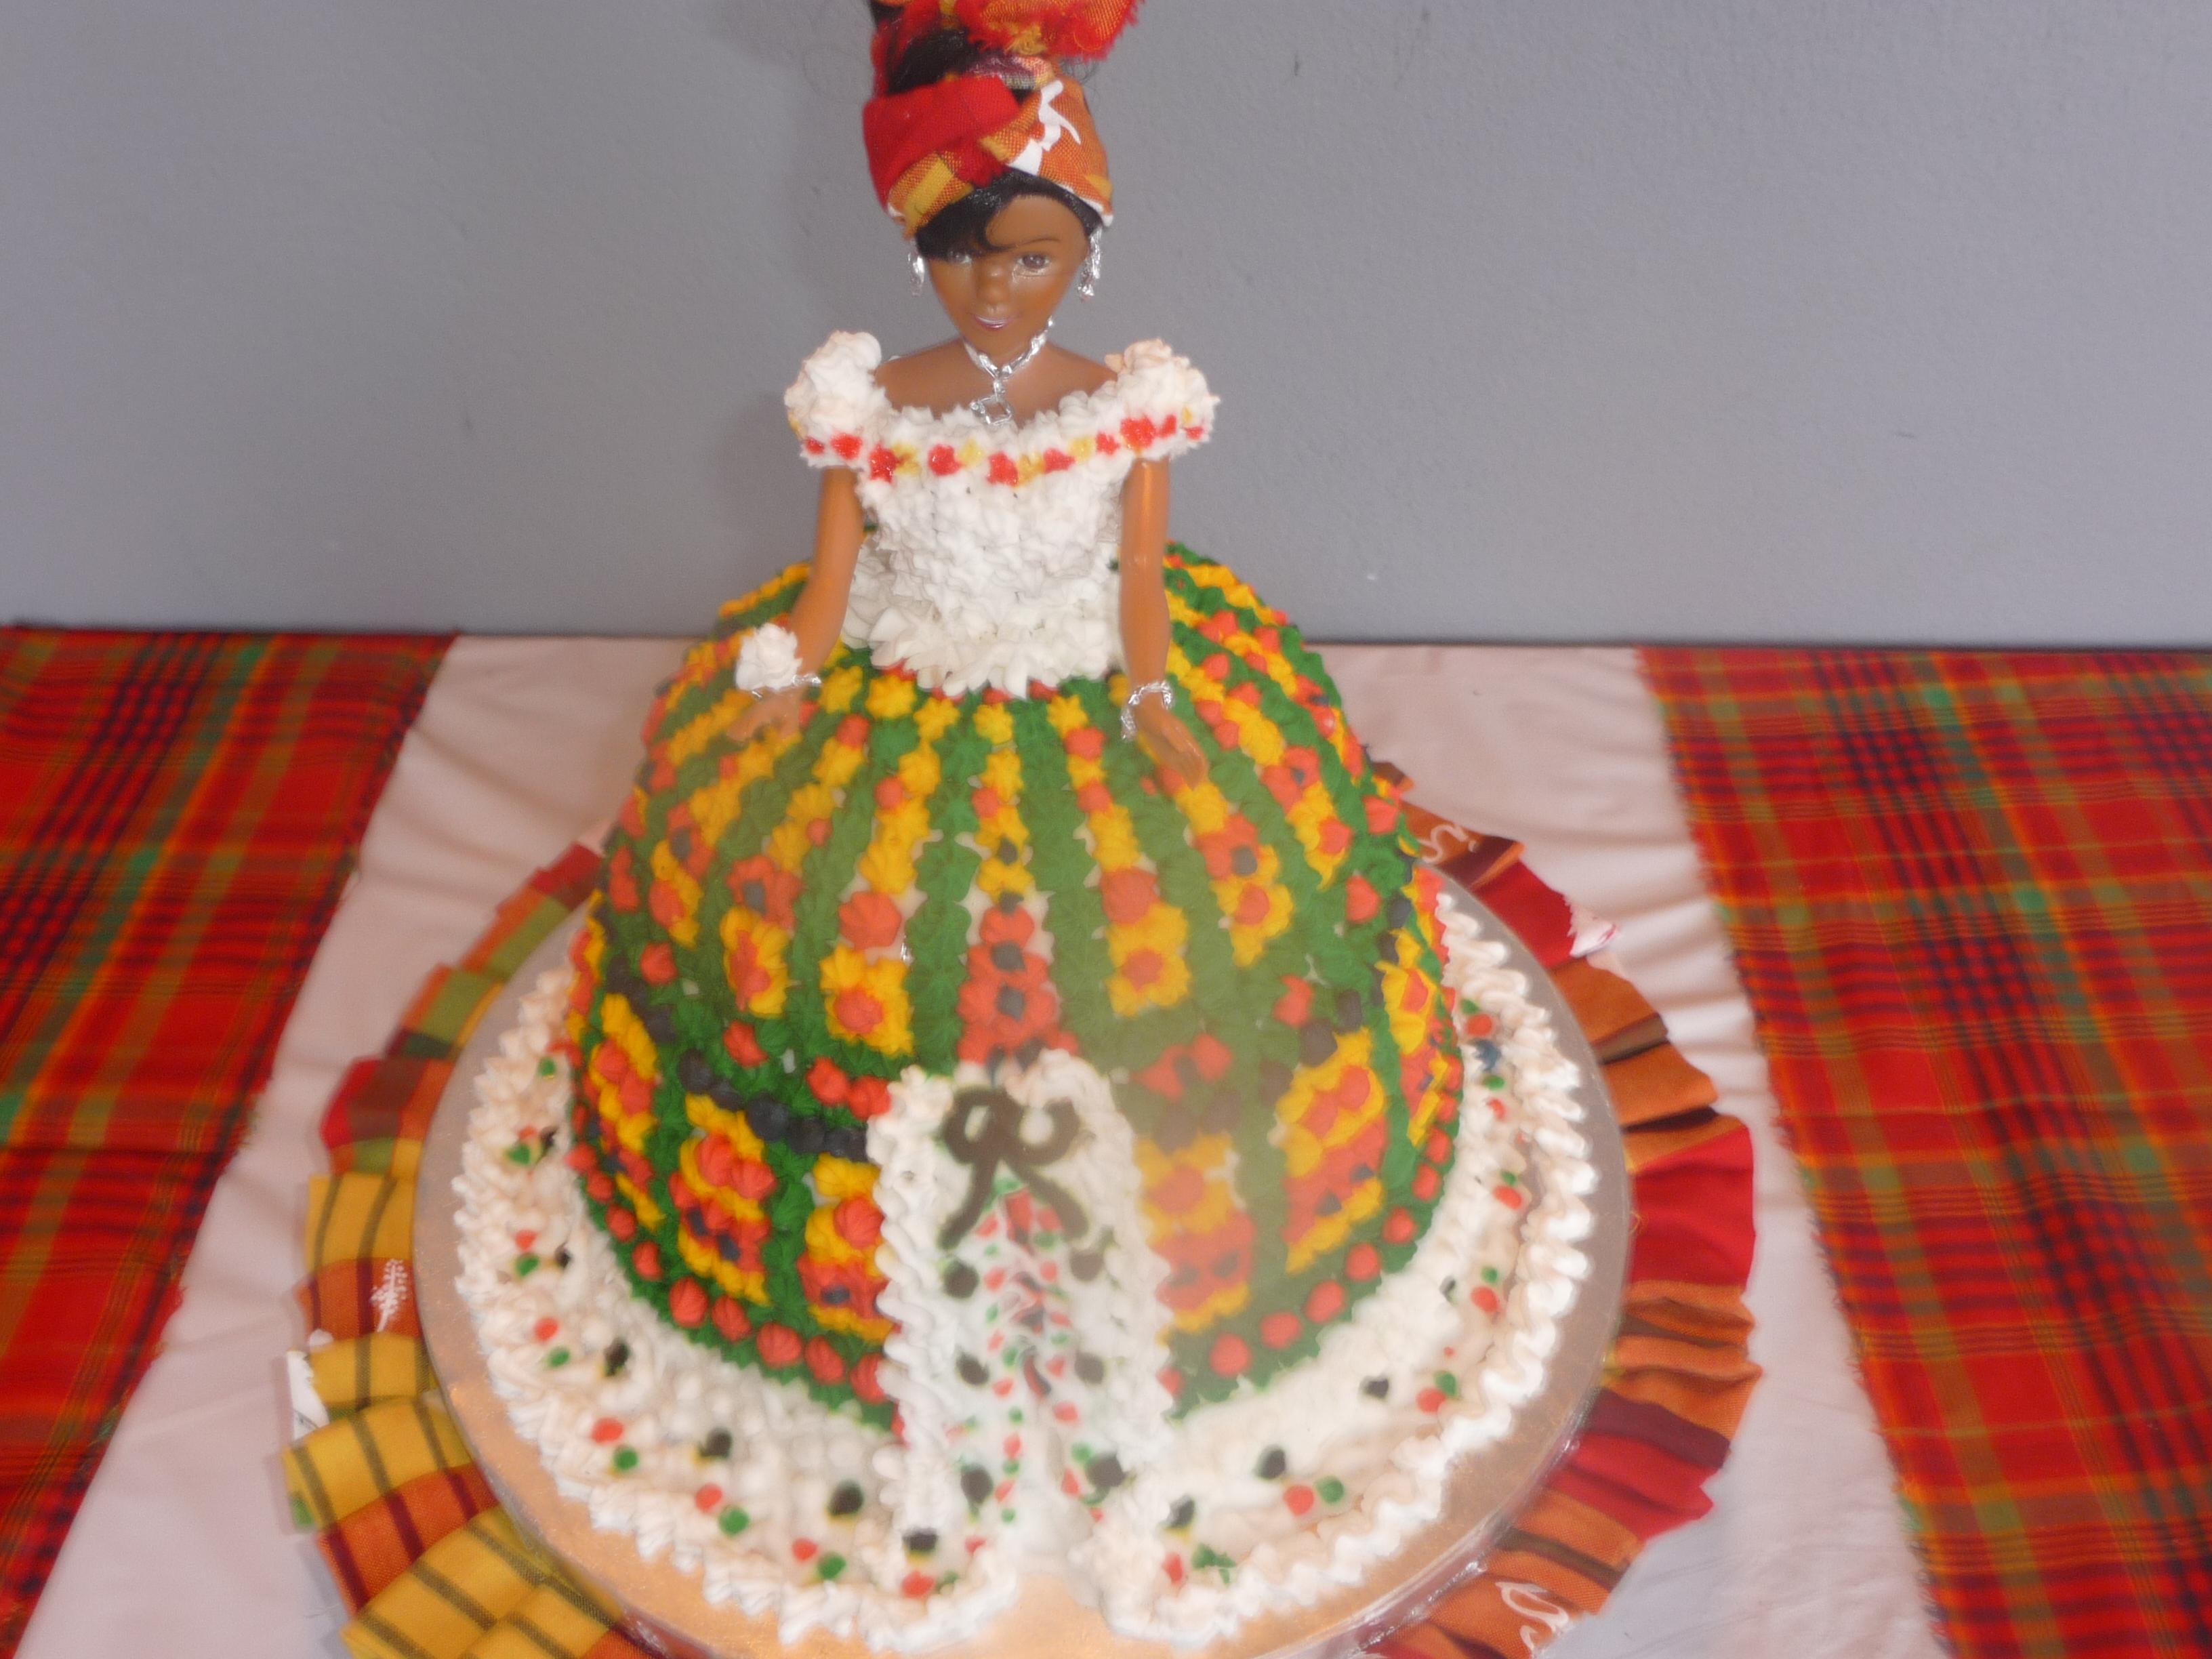 Classique's Exotic Cakes – Classique International